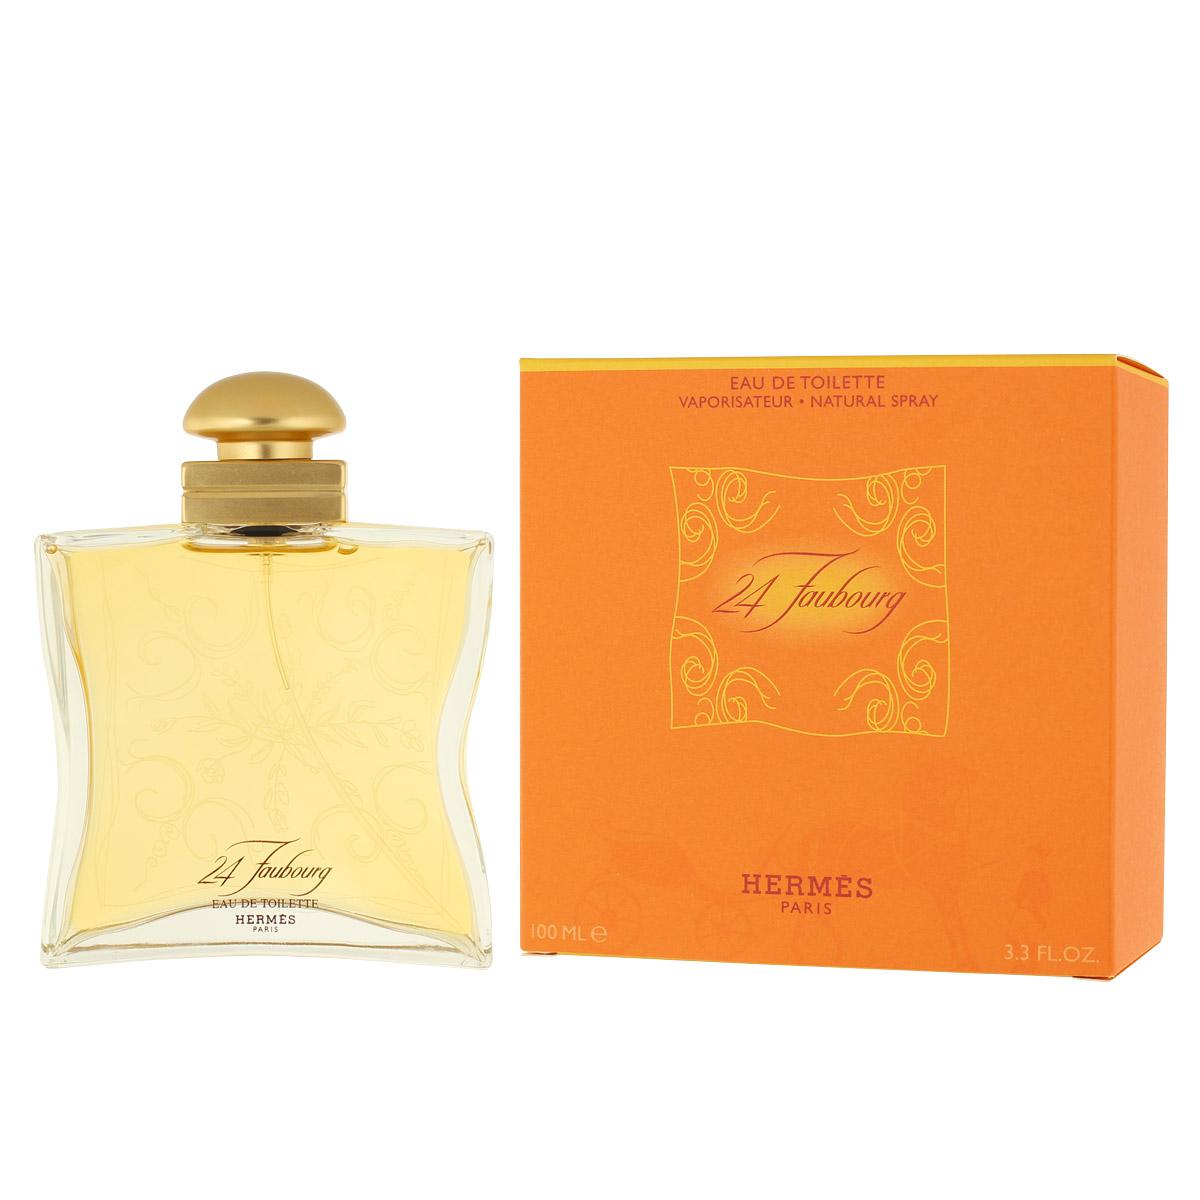 Hermès 24 Faubourg EDT 100 ml W